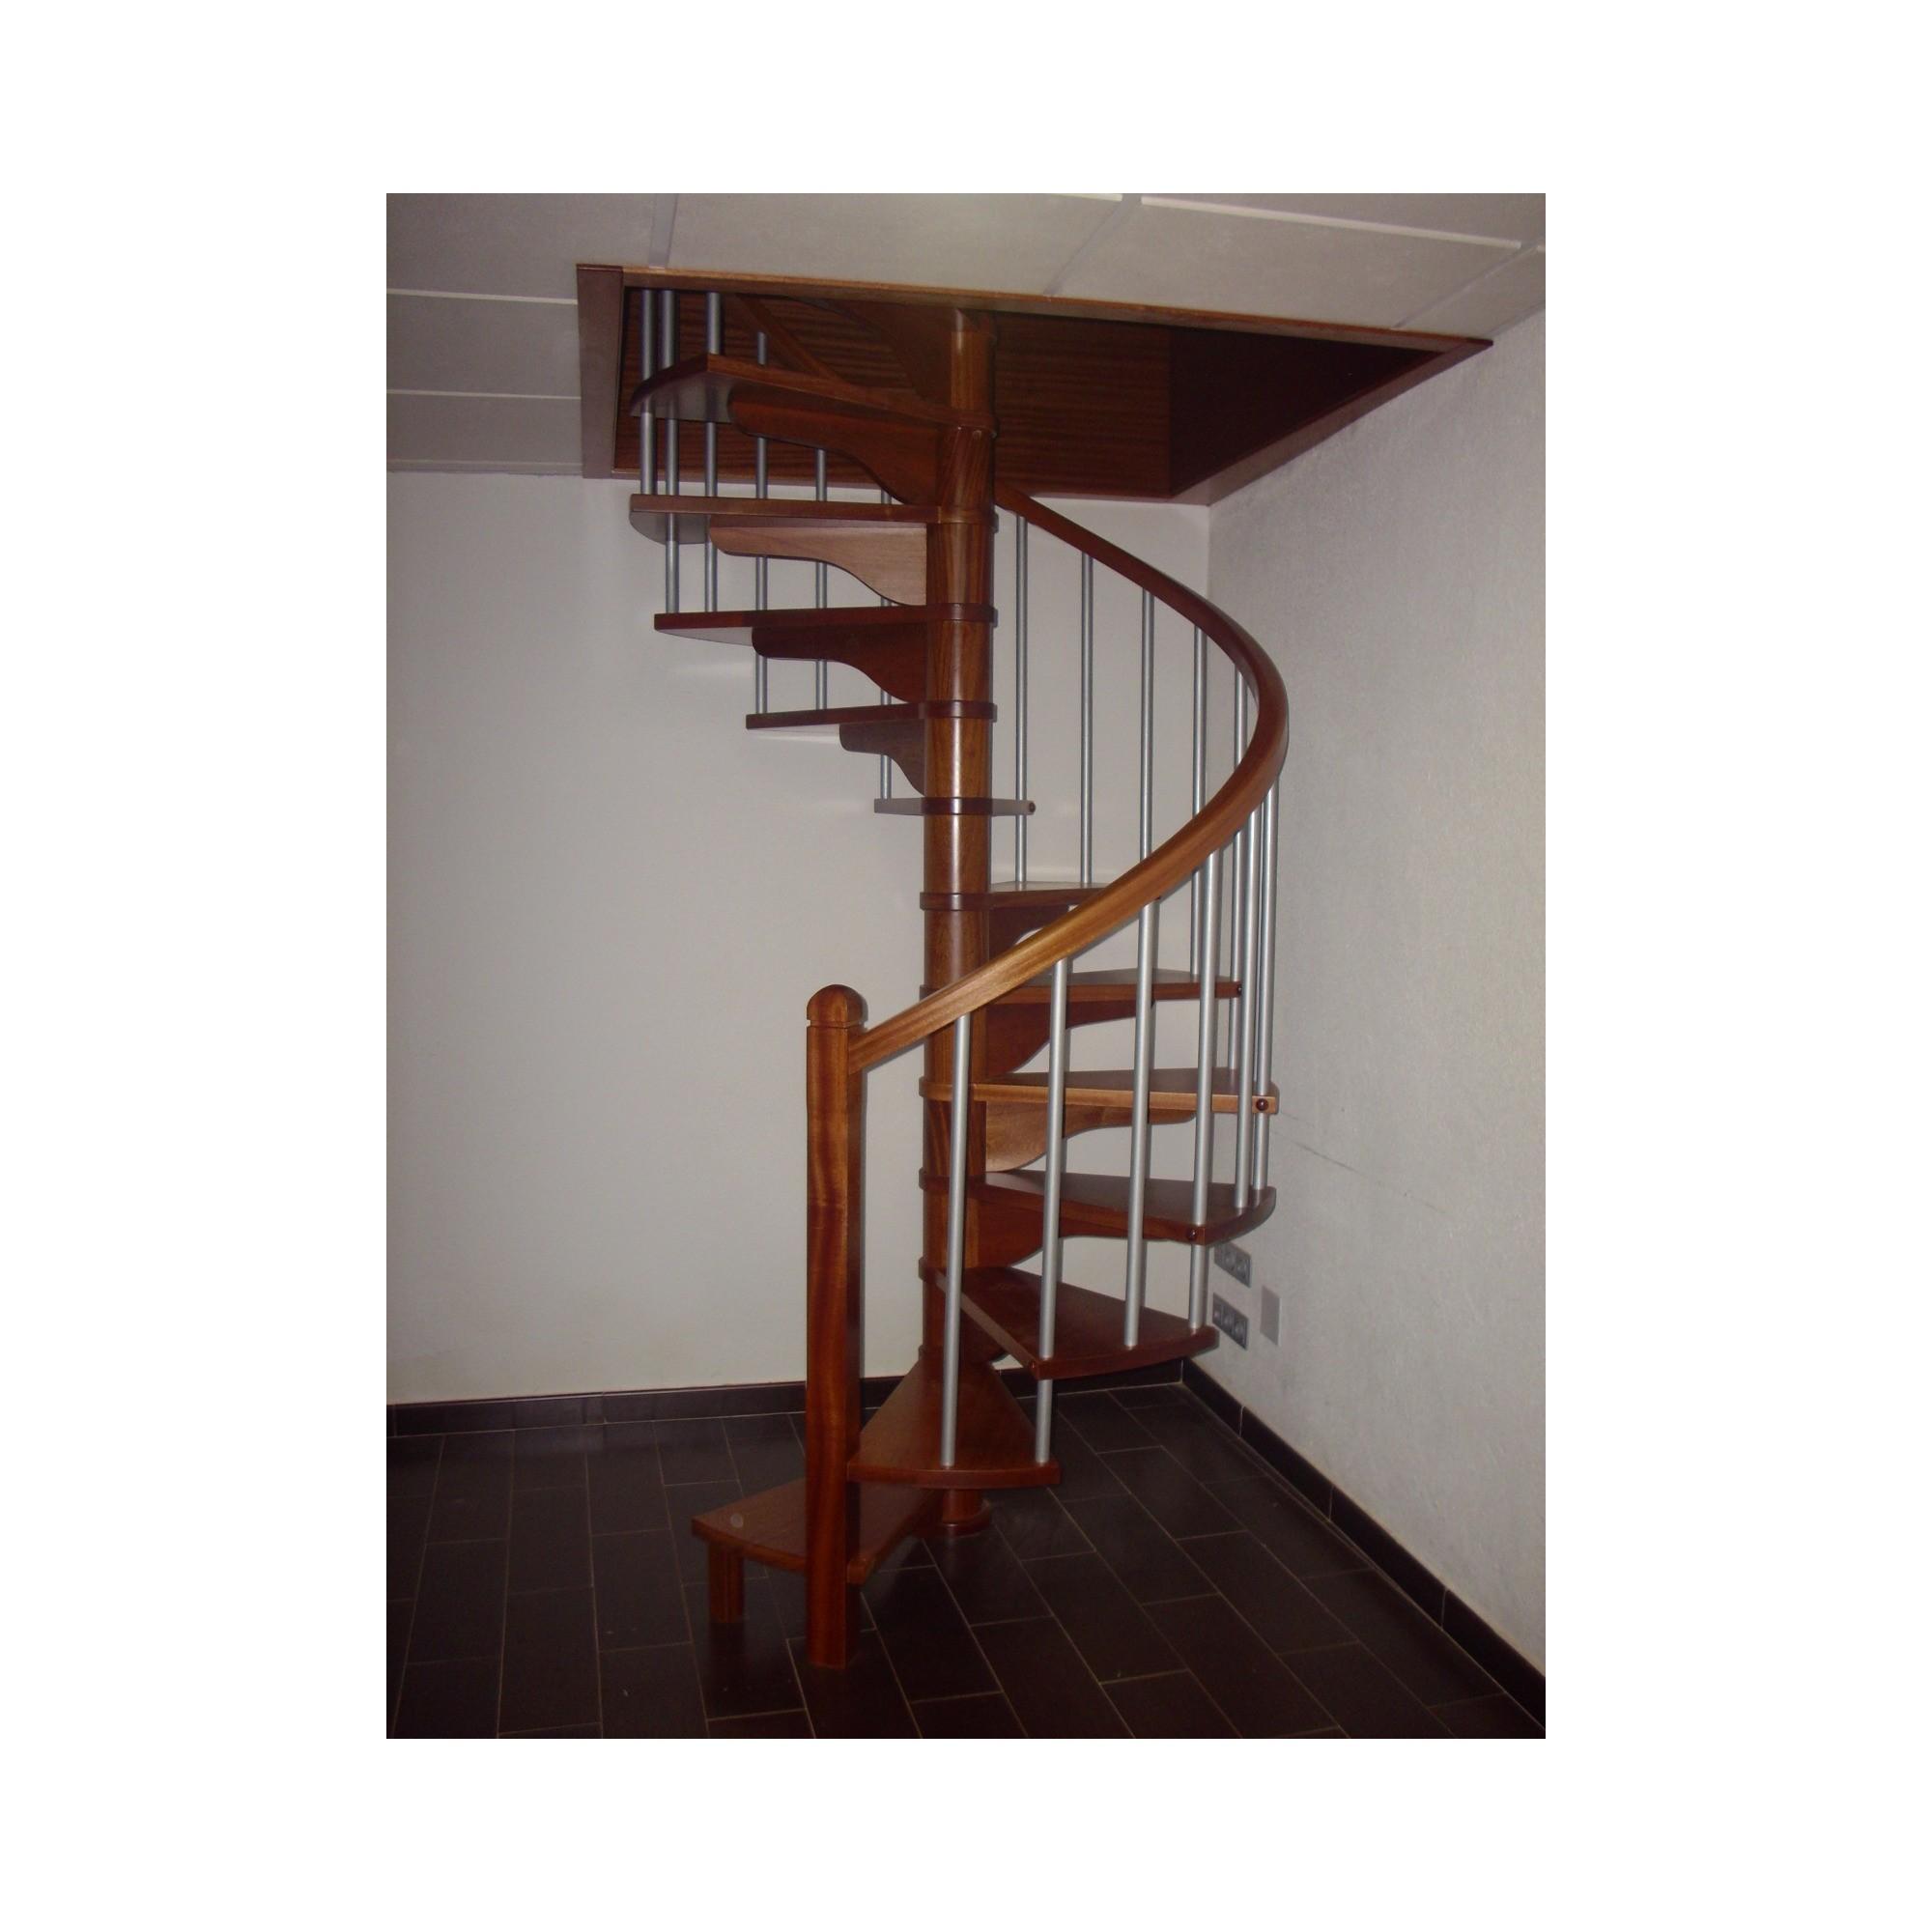 Escalera caracol a medida modelo fiel - Medidas escaleras de caracol ...